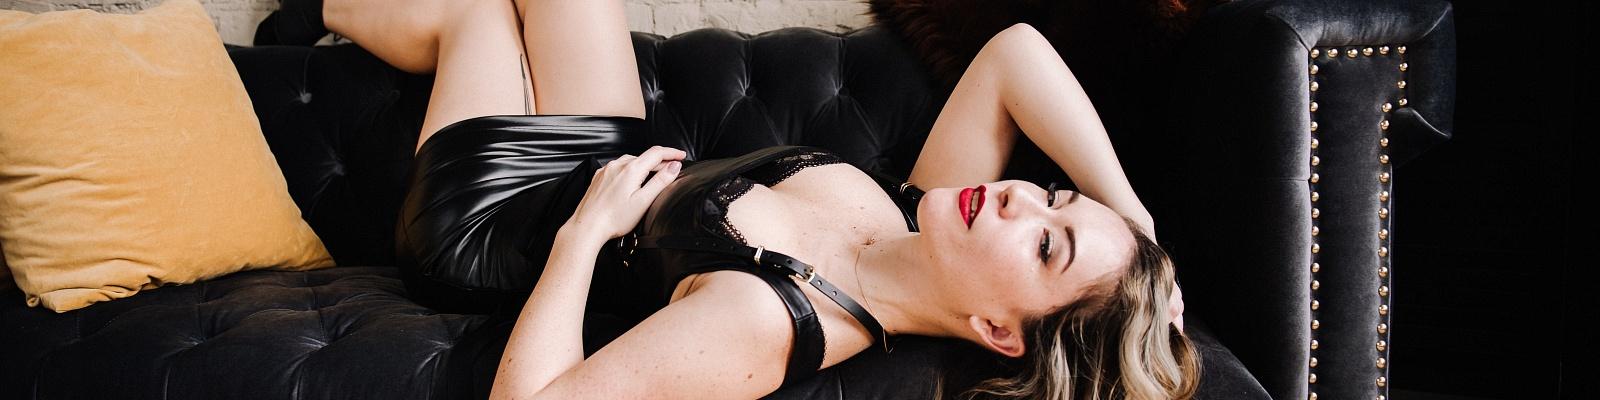 Rowan Byrne's Cover Photo